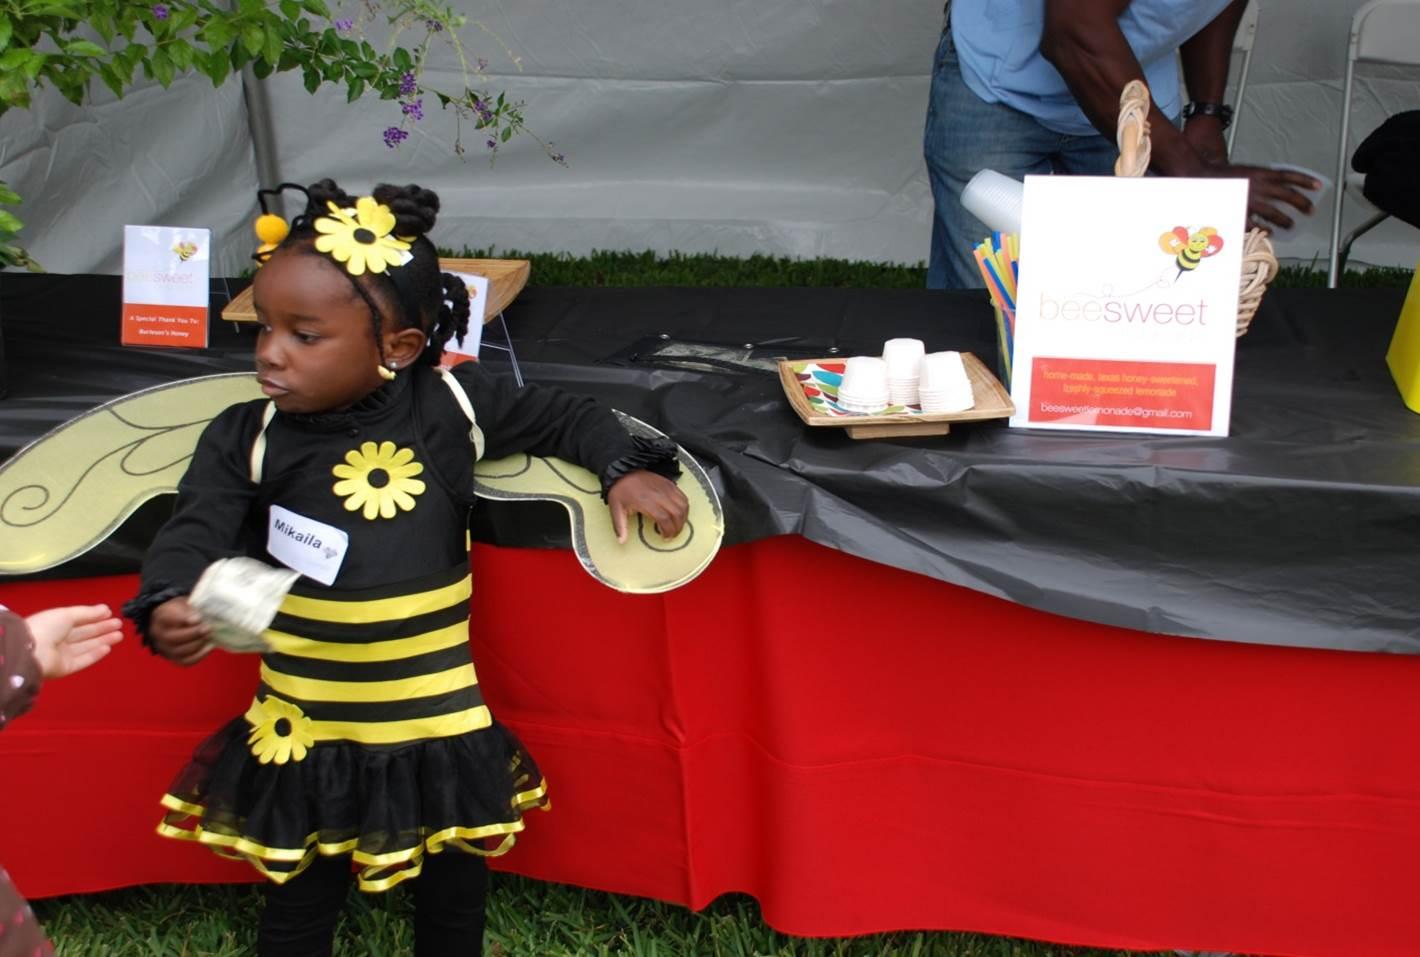 圖說:Mikaila打扮成小蜜蜂 銷售蜂蜜檸檬水並宣揚蜜蜂保育的重要性 (圖片截取:CNBC)